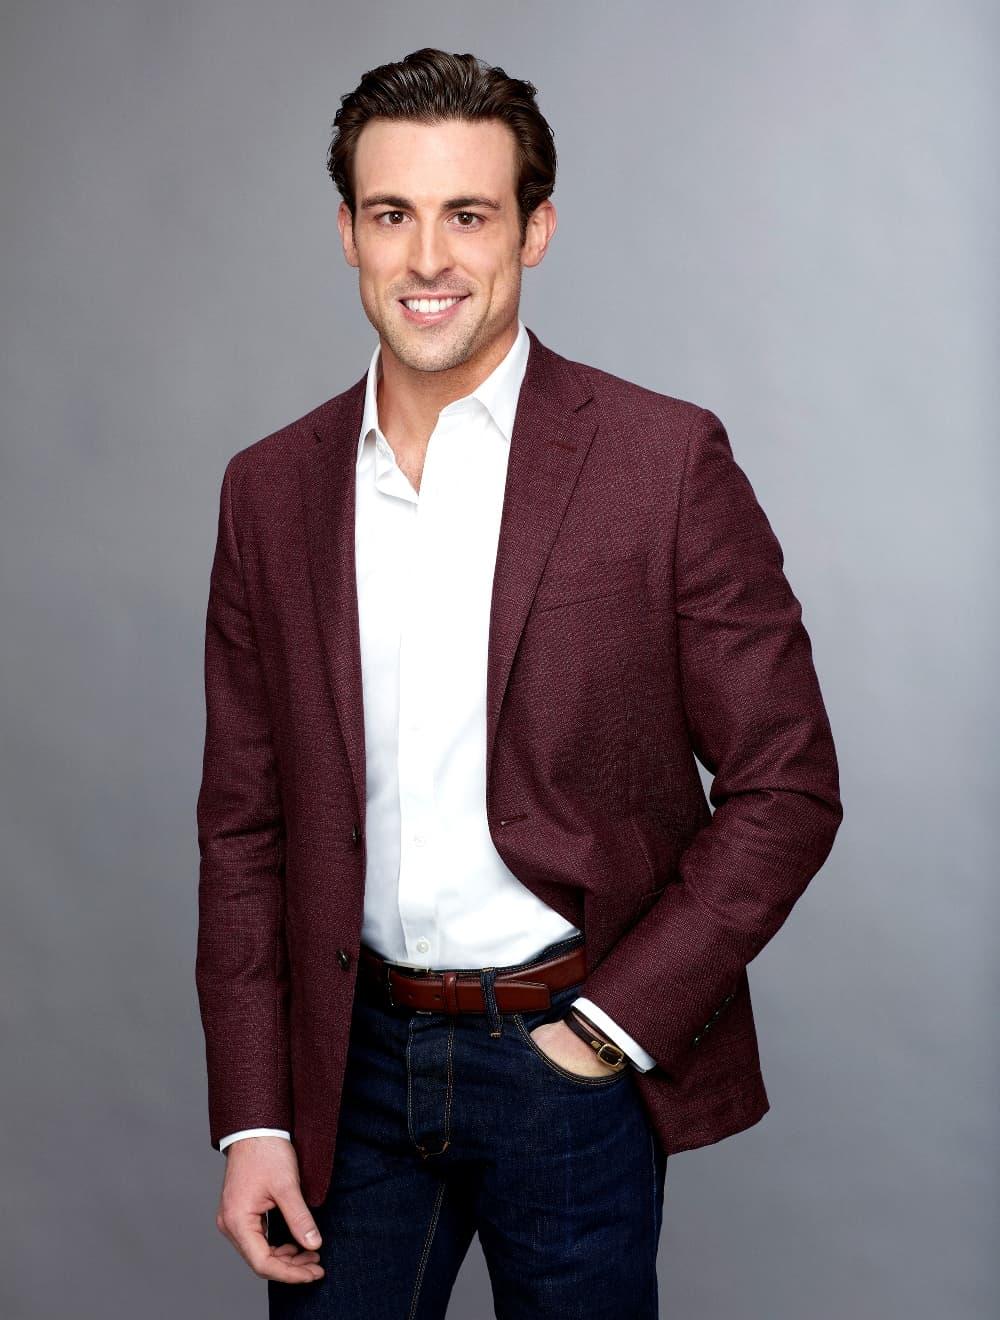 The Bachelorette Jake Jacob Enyeart